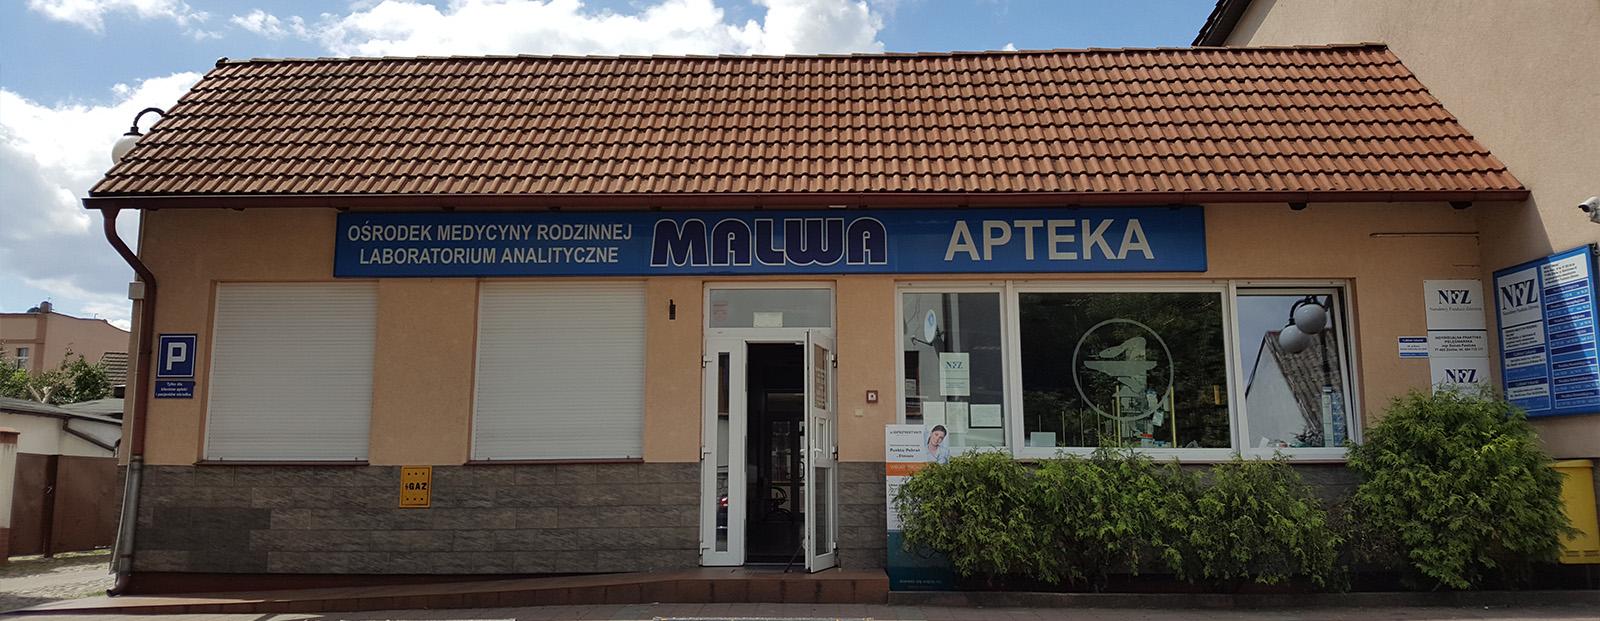 Ośrodek Medycyny Rodzinnej